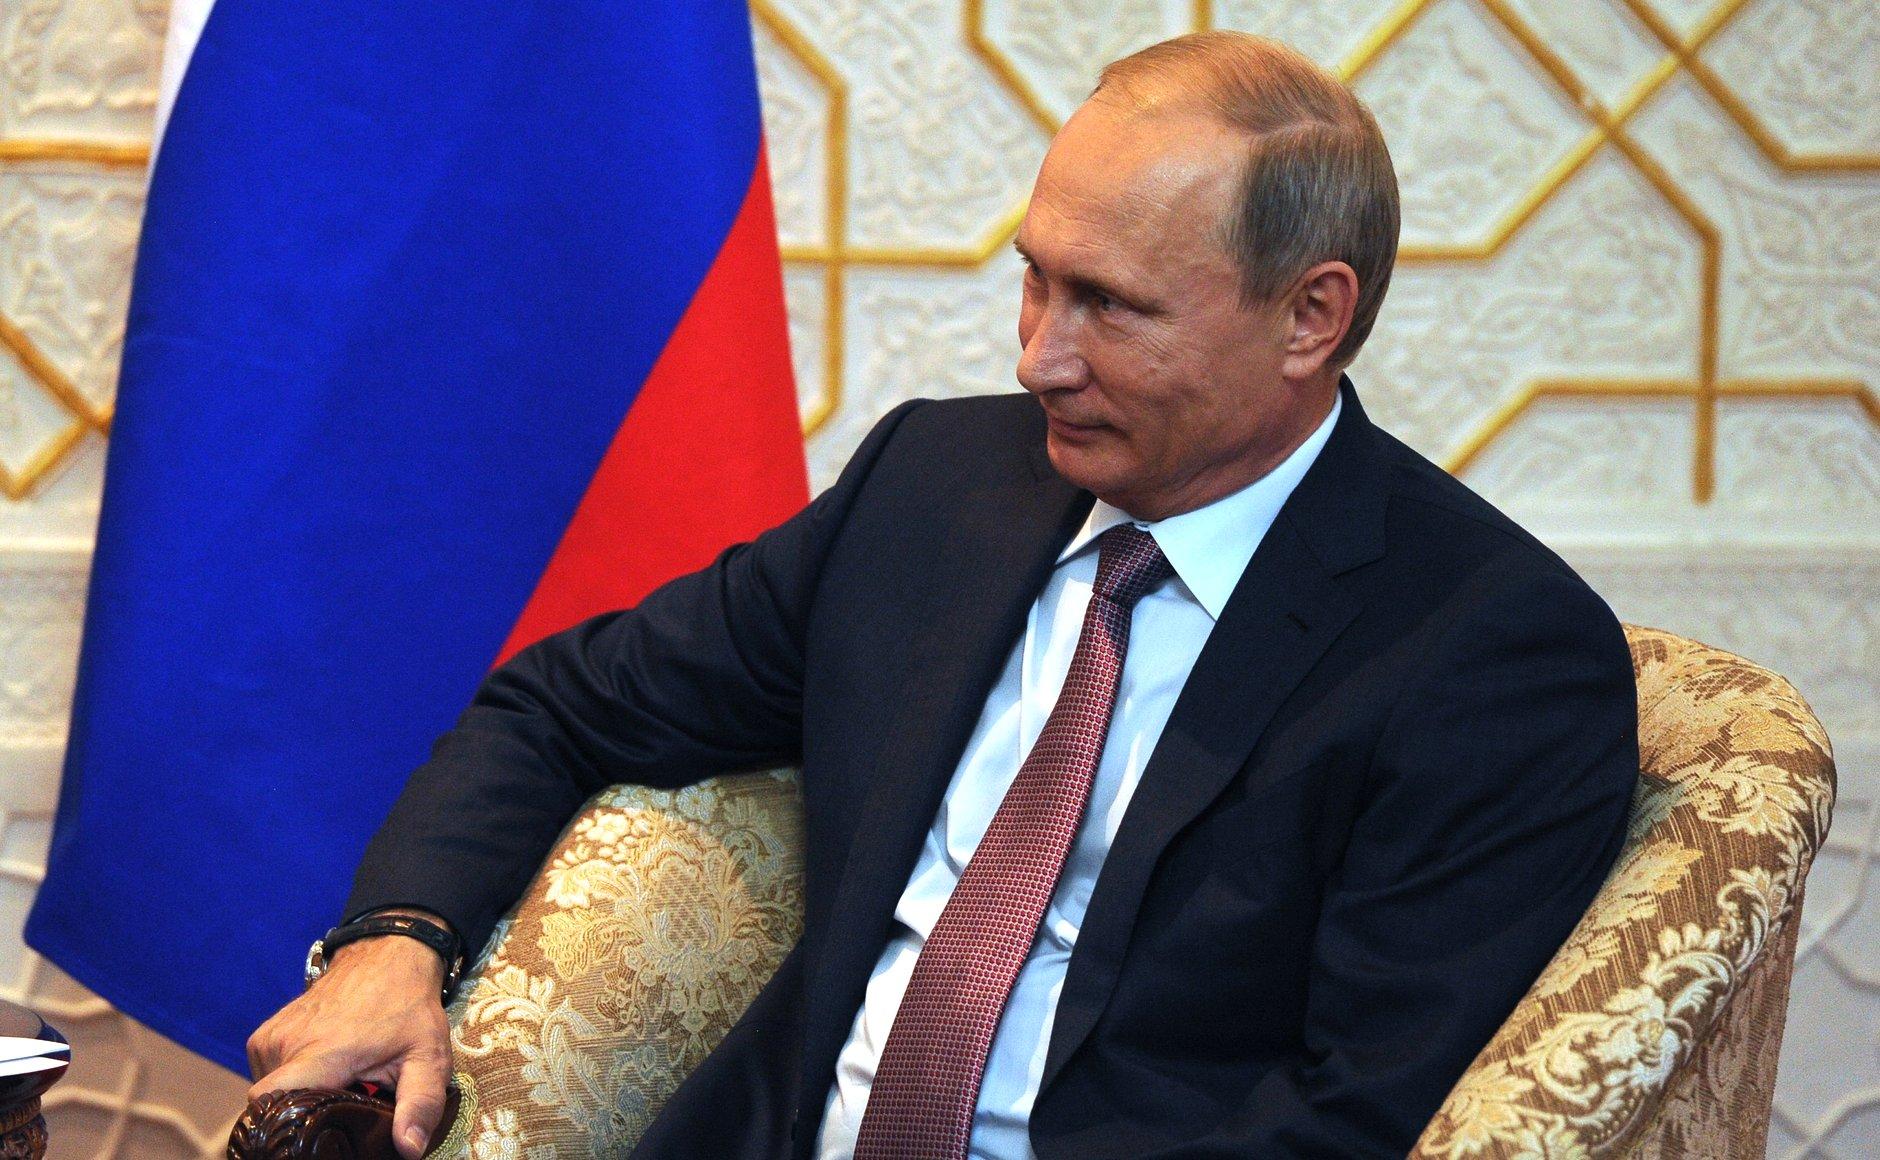 Владимир Путин отказался говорить о перспективах референдума на Донбассе